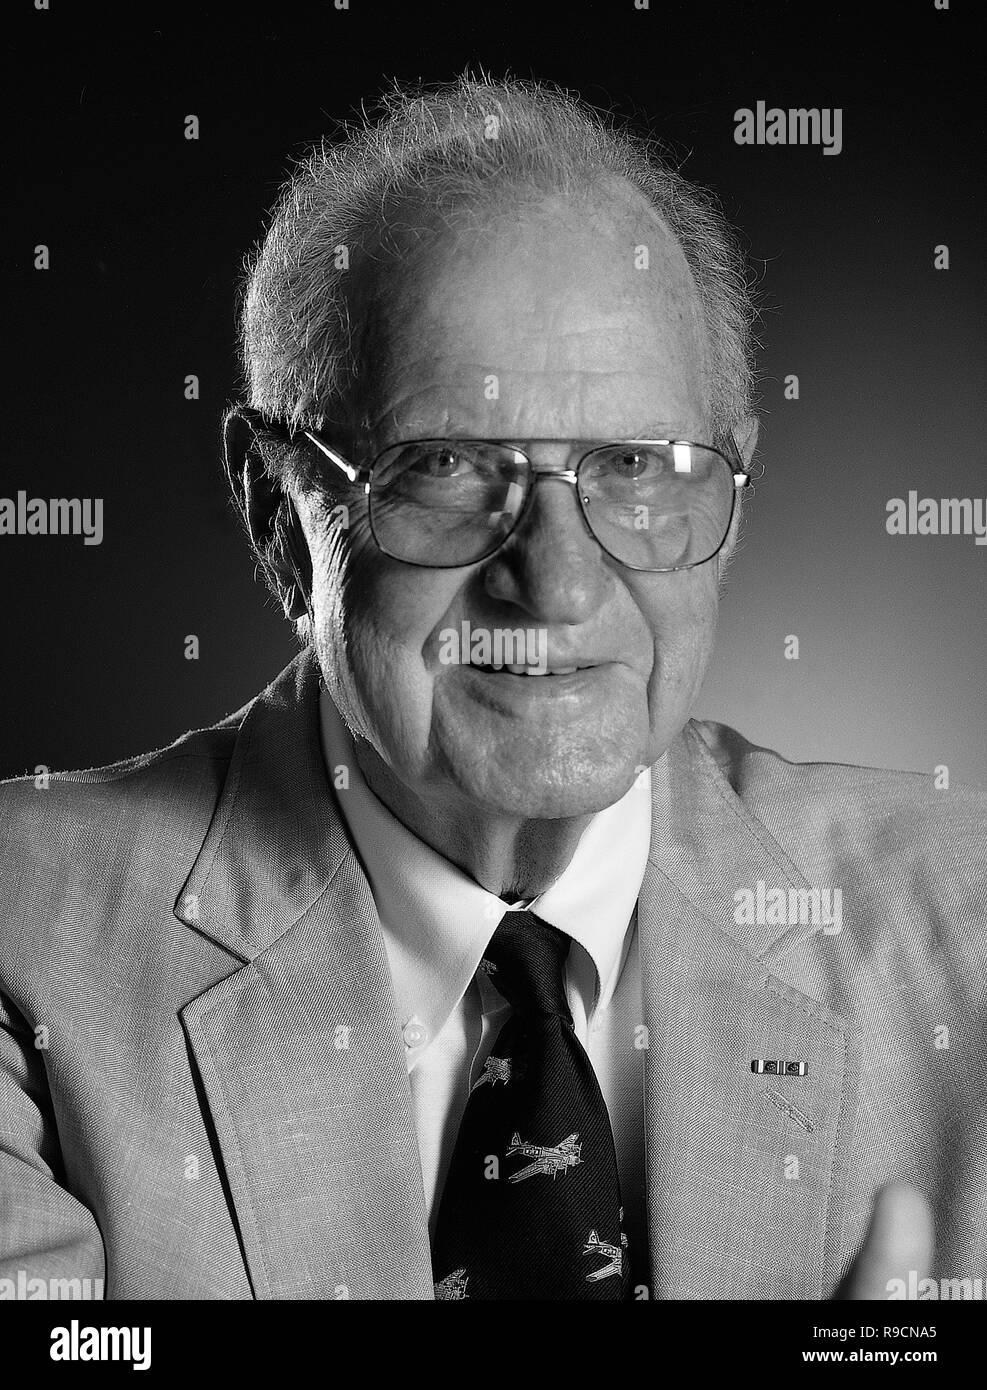 Robert Morgan Stock Photos & Robert Morgan Stock Images - Alamy